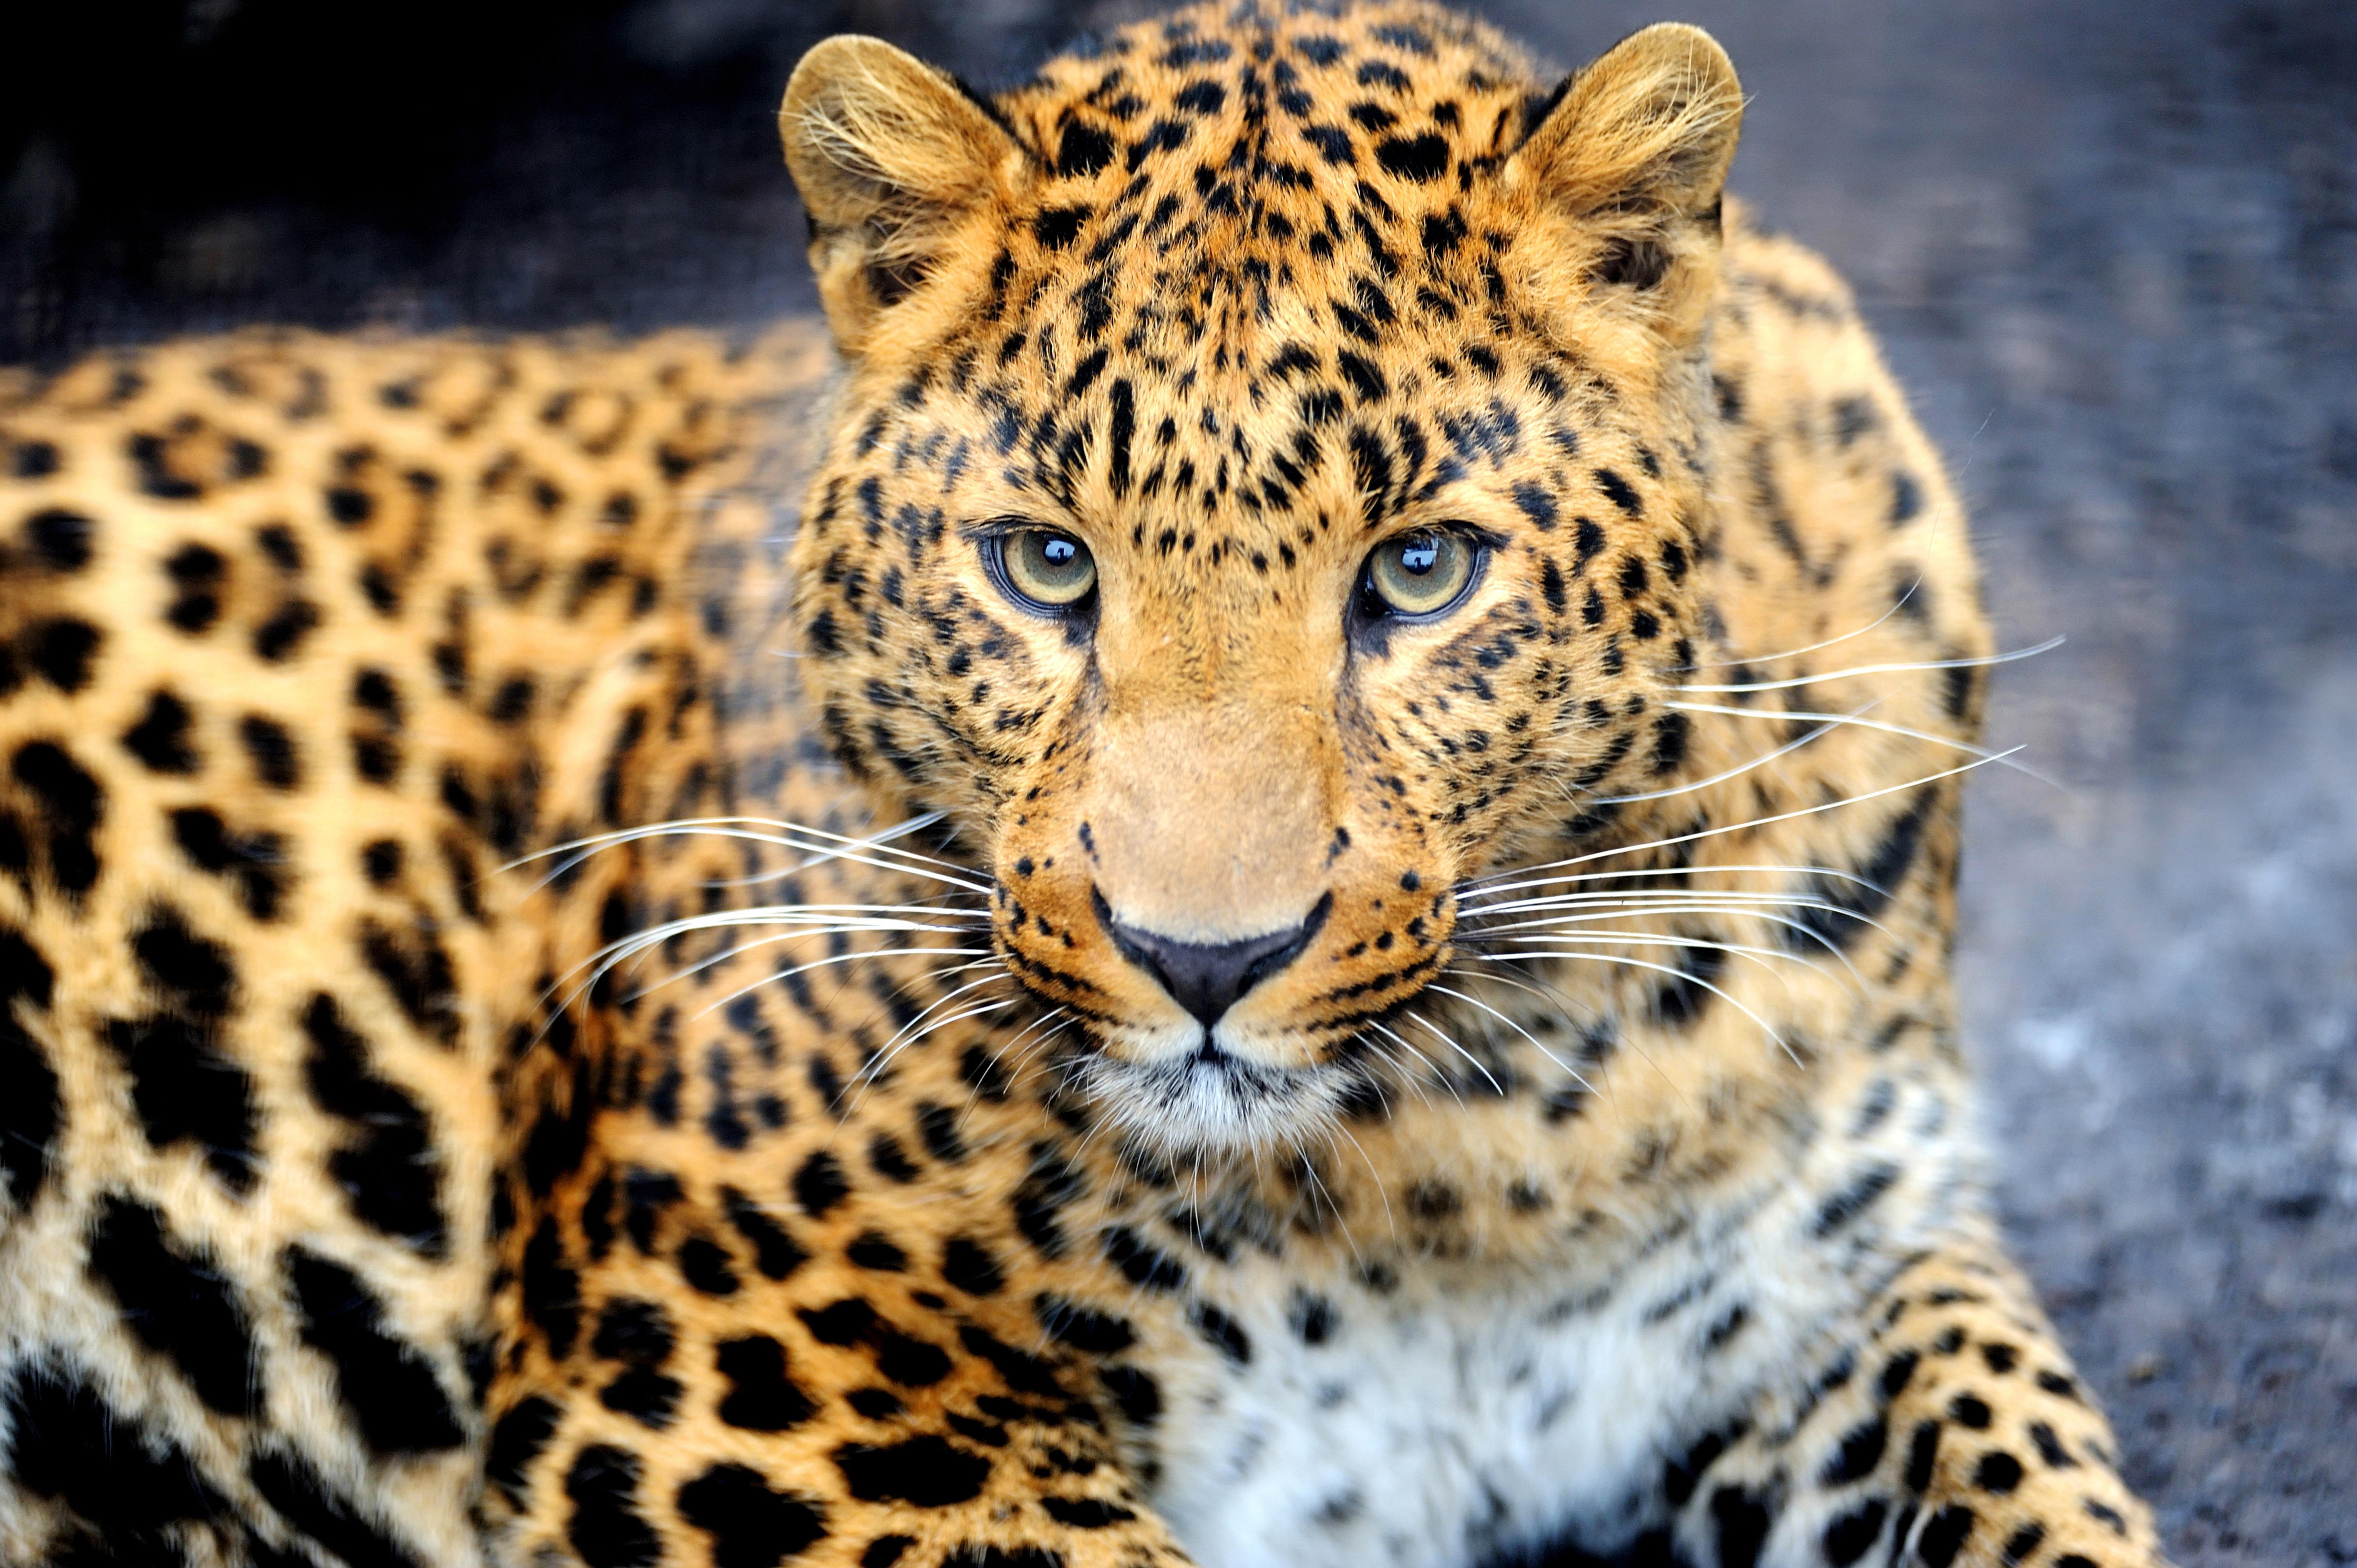 Фото животных в хорошем качестве и разрешении